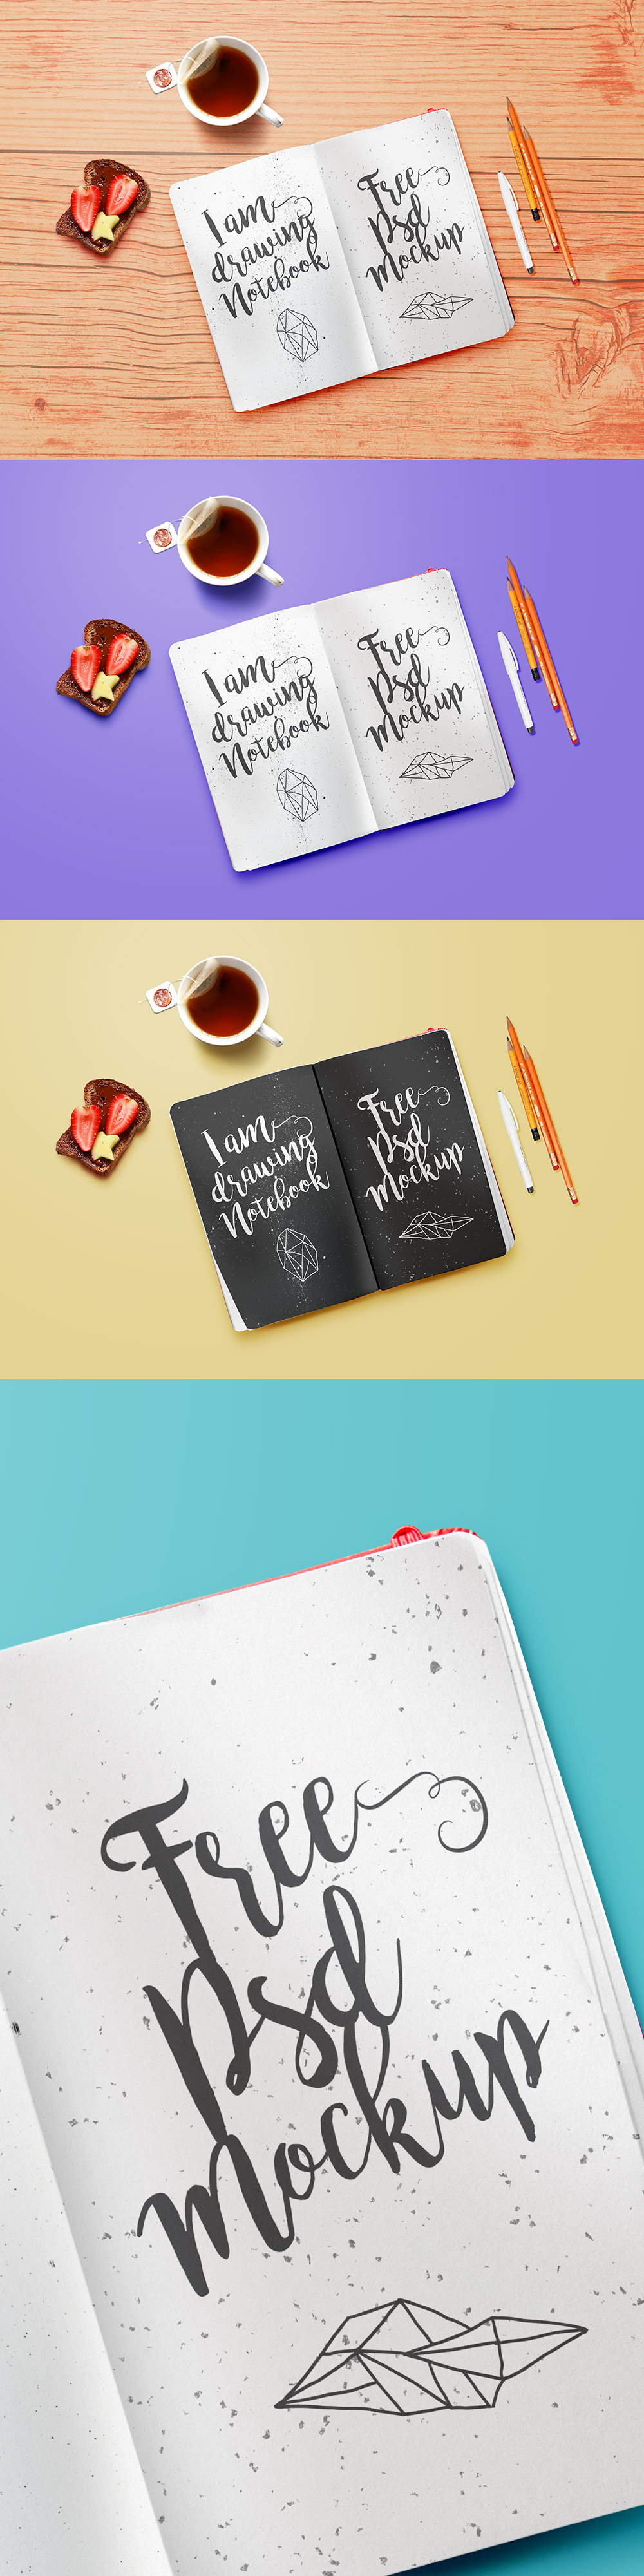 Drawing Notebook Mockup PSD